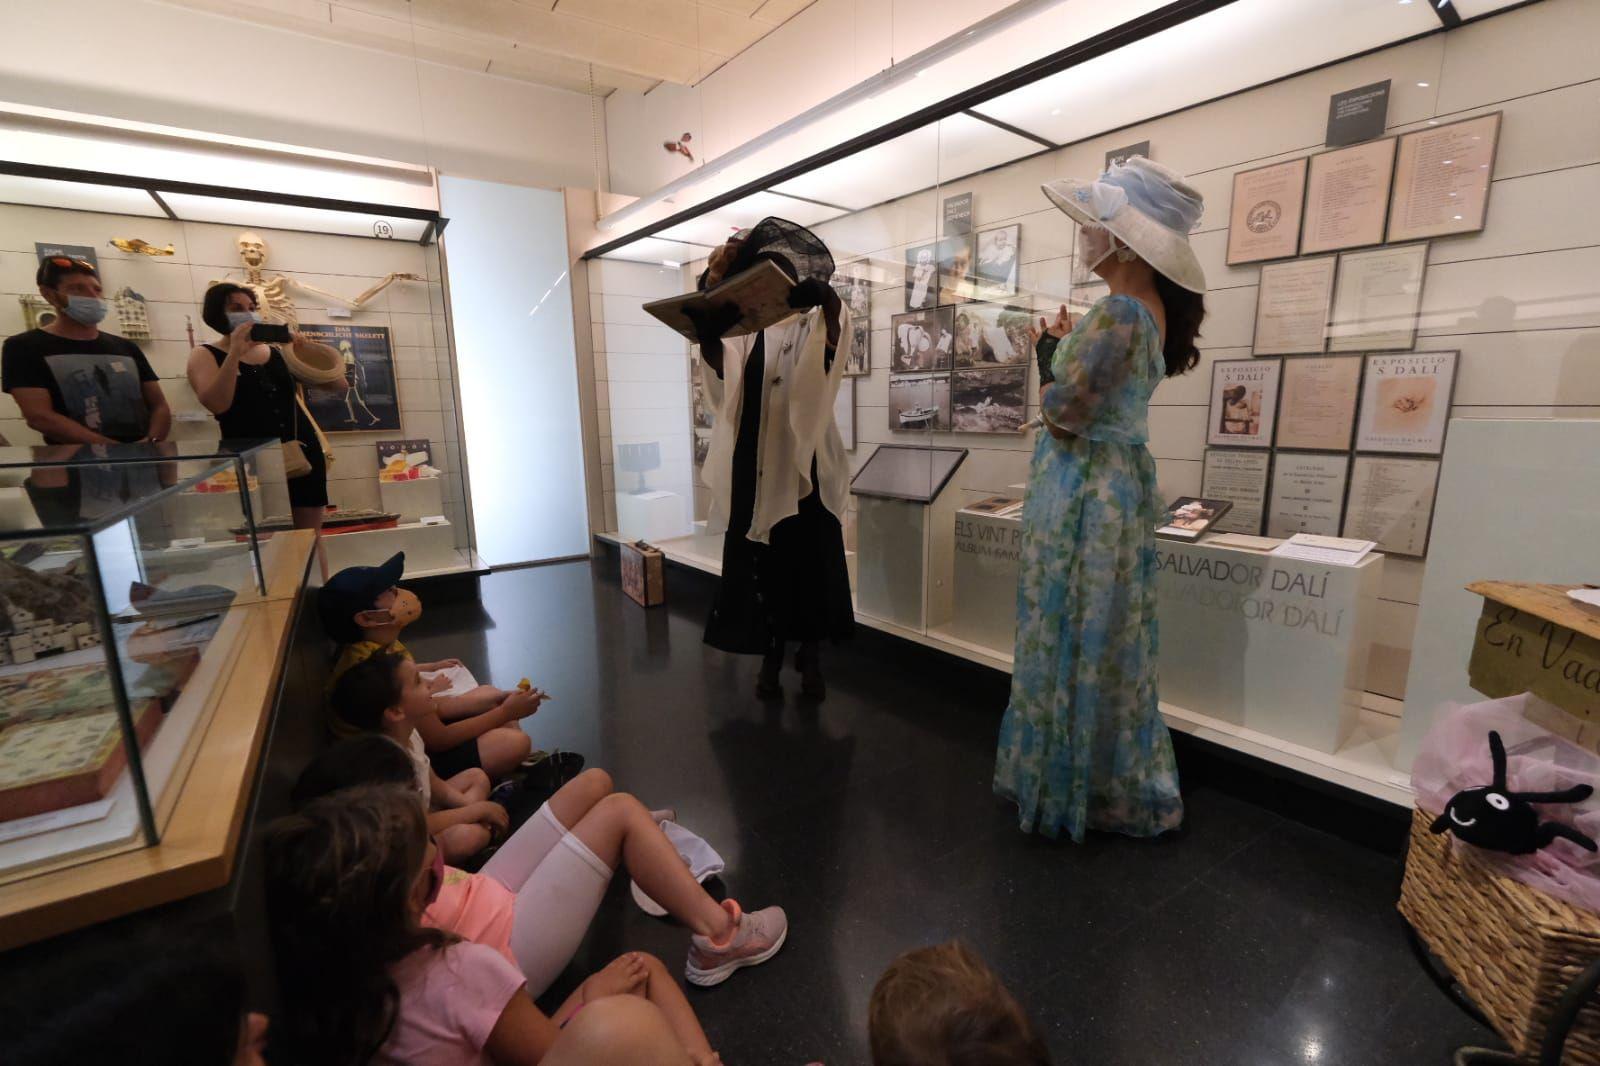 La visita «En Vadoret i el seu osset» fascina el públic de Figueres